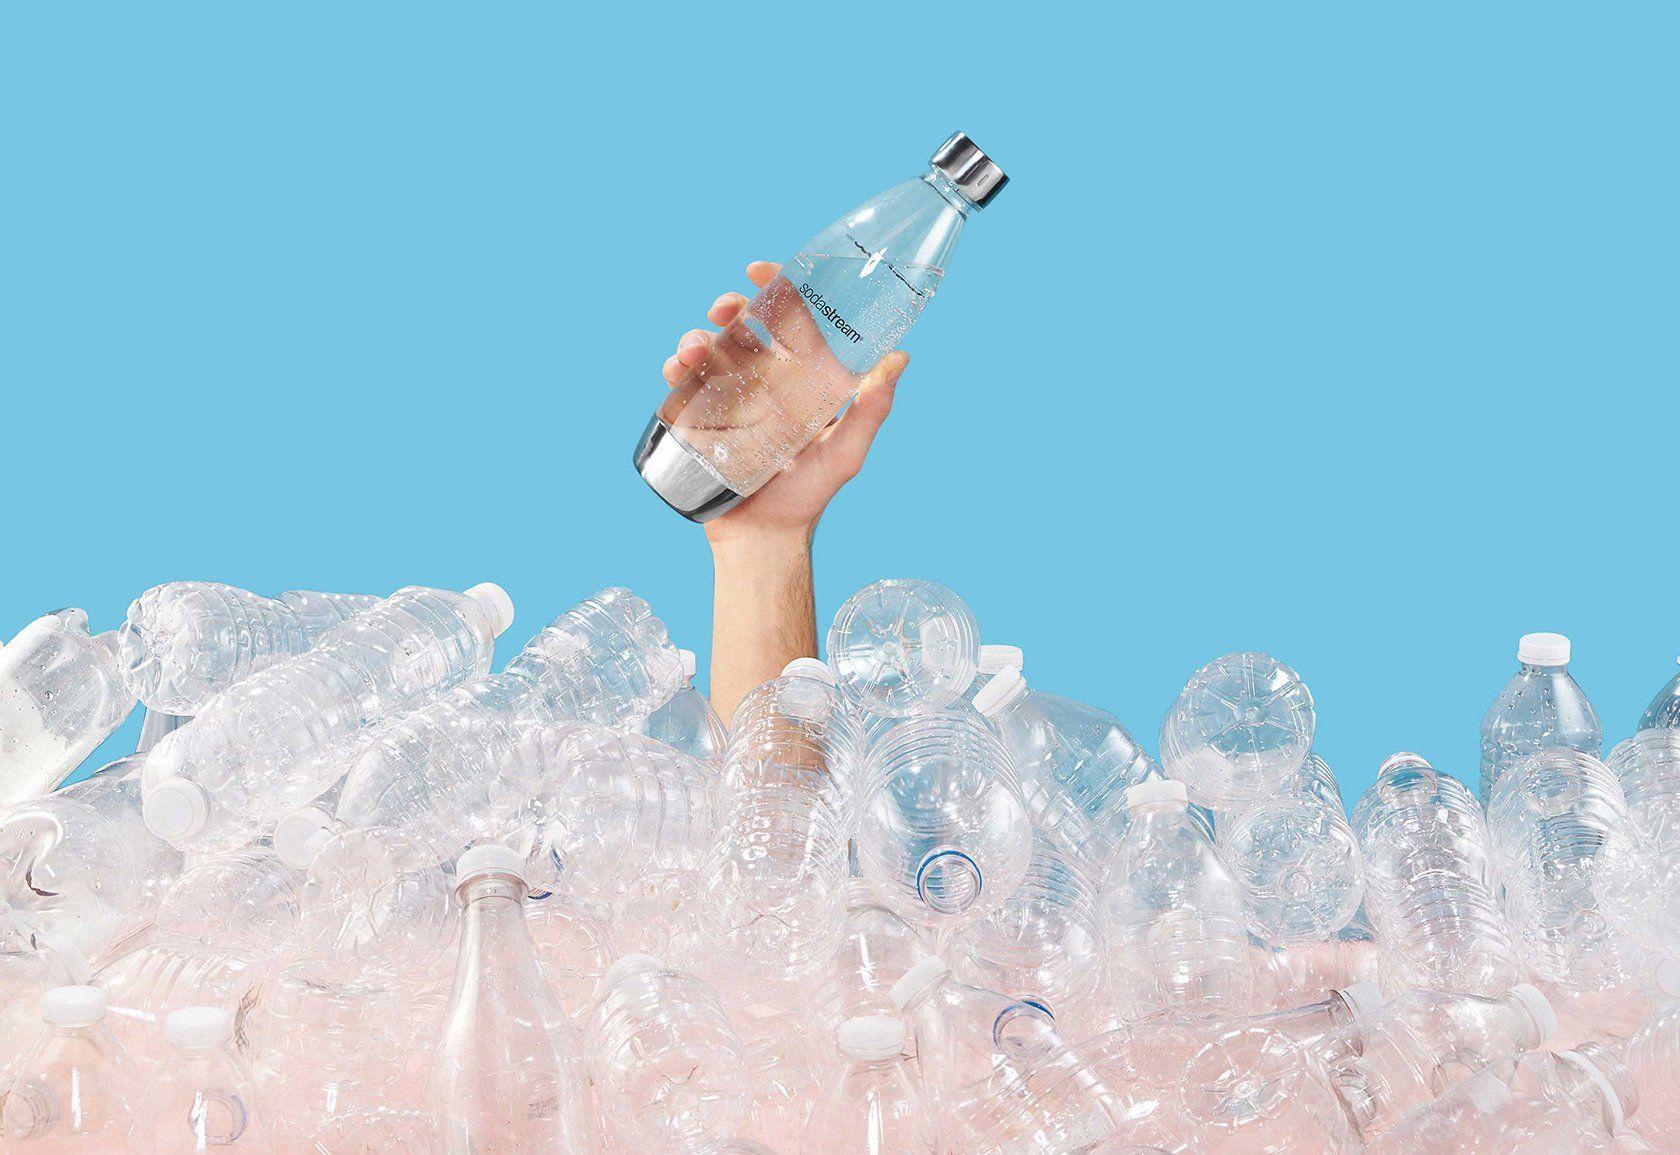 Znovupoužitelná lahev SodaStream ušetří více než 3 700 plechovek a plastových lahví